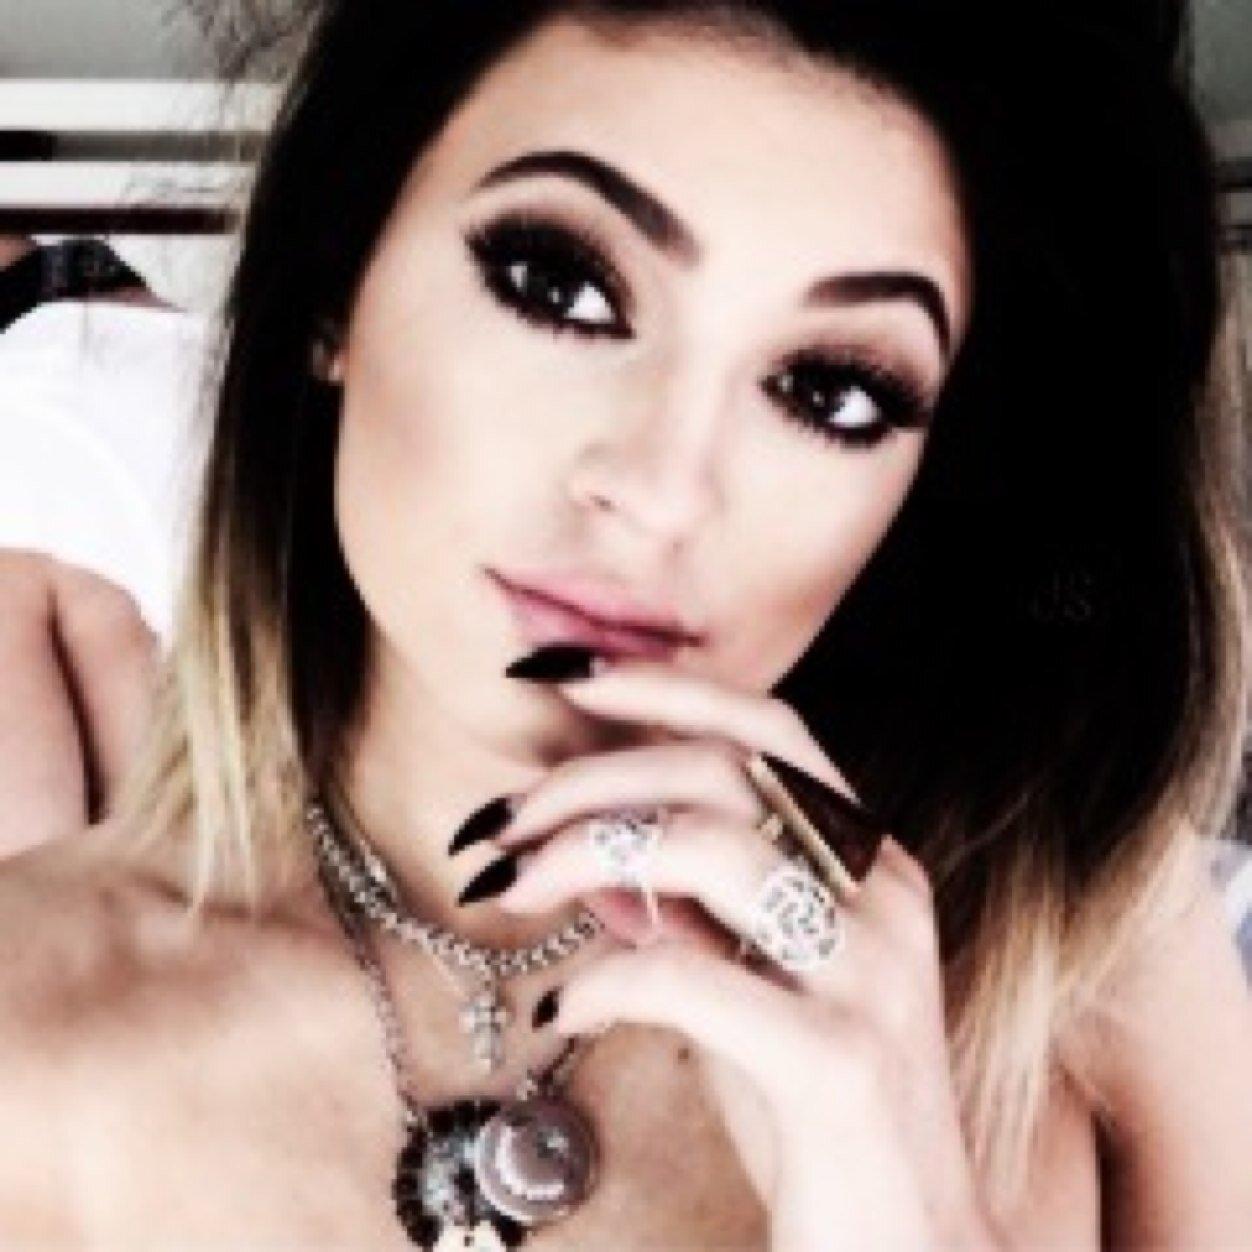 @KardashiansArmy